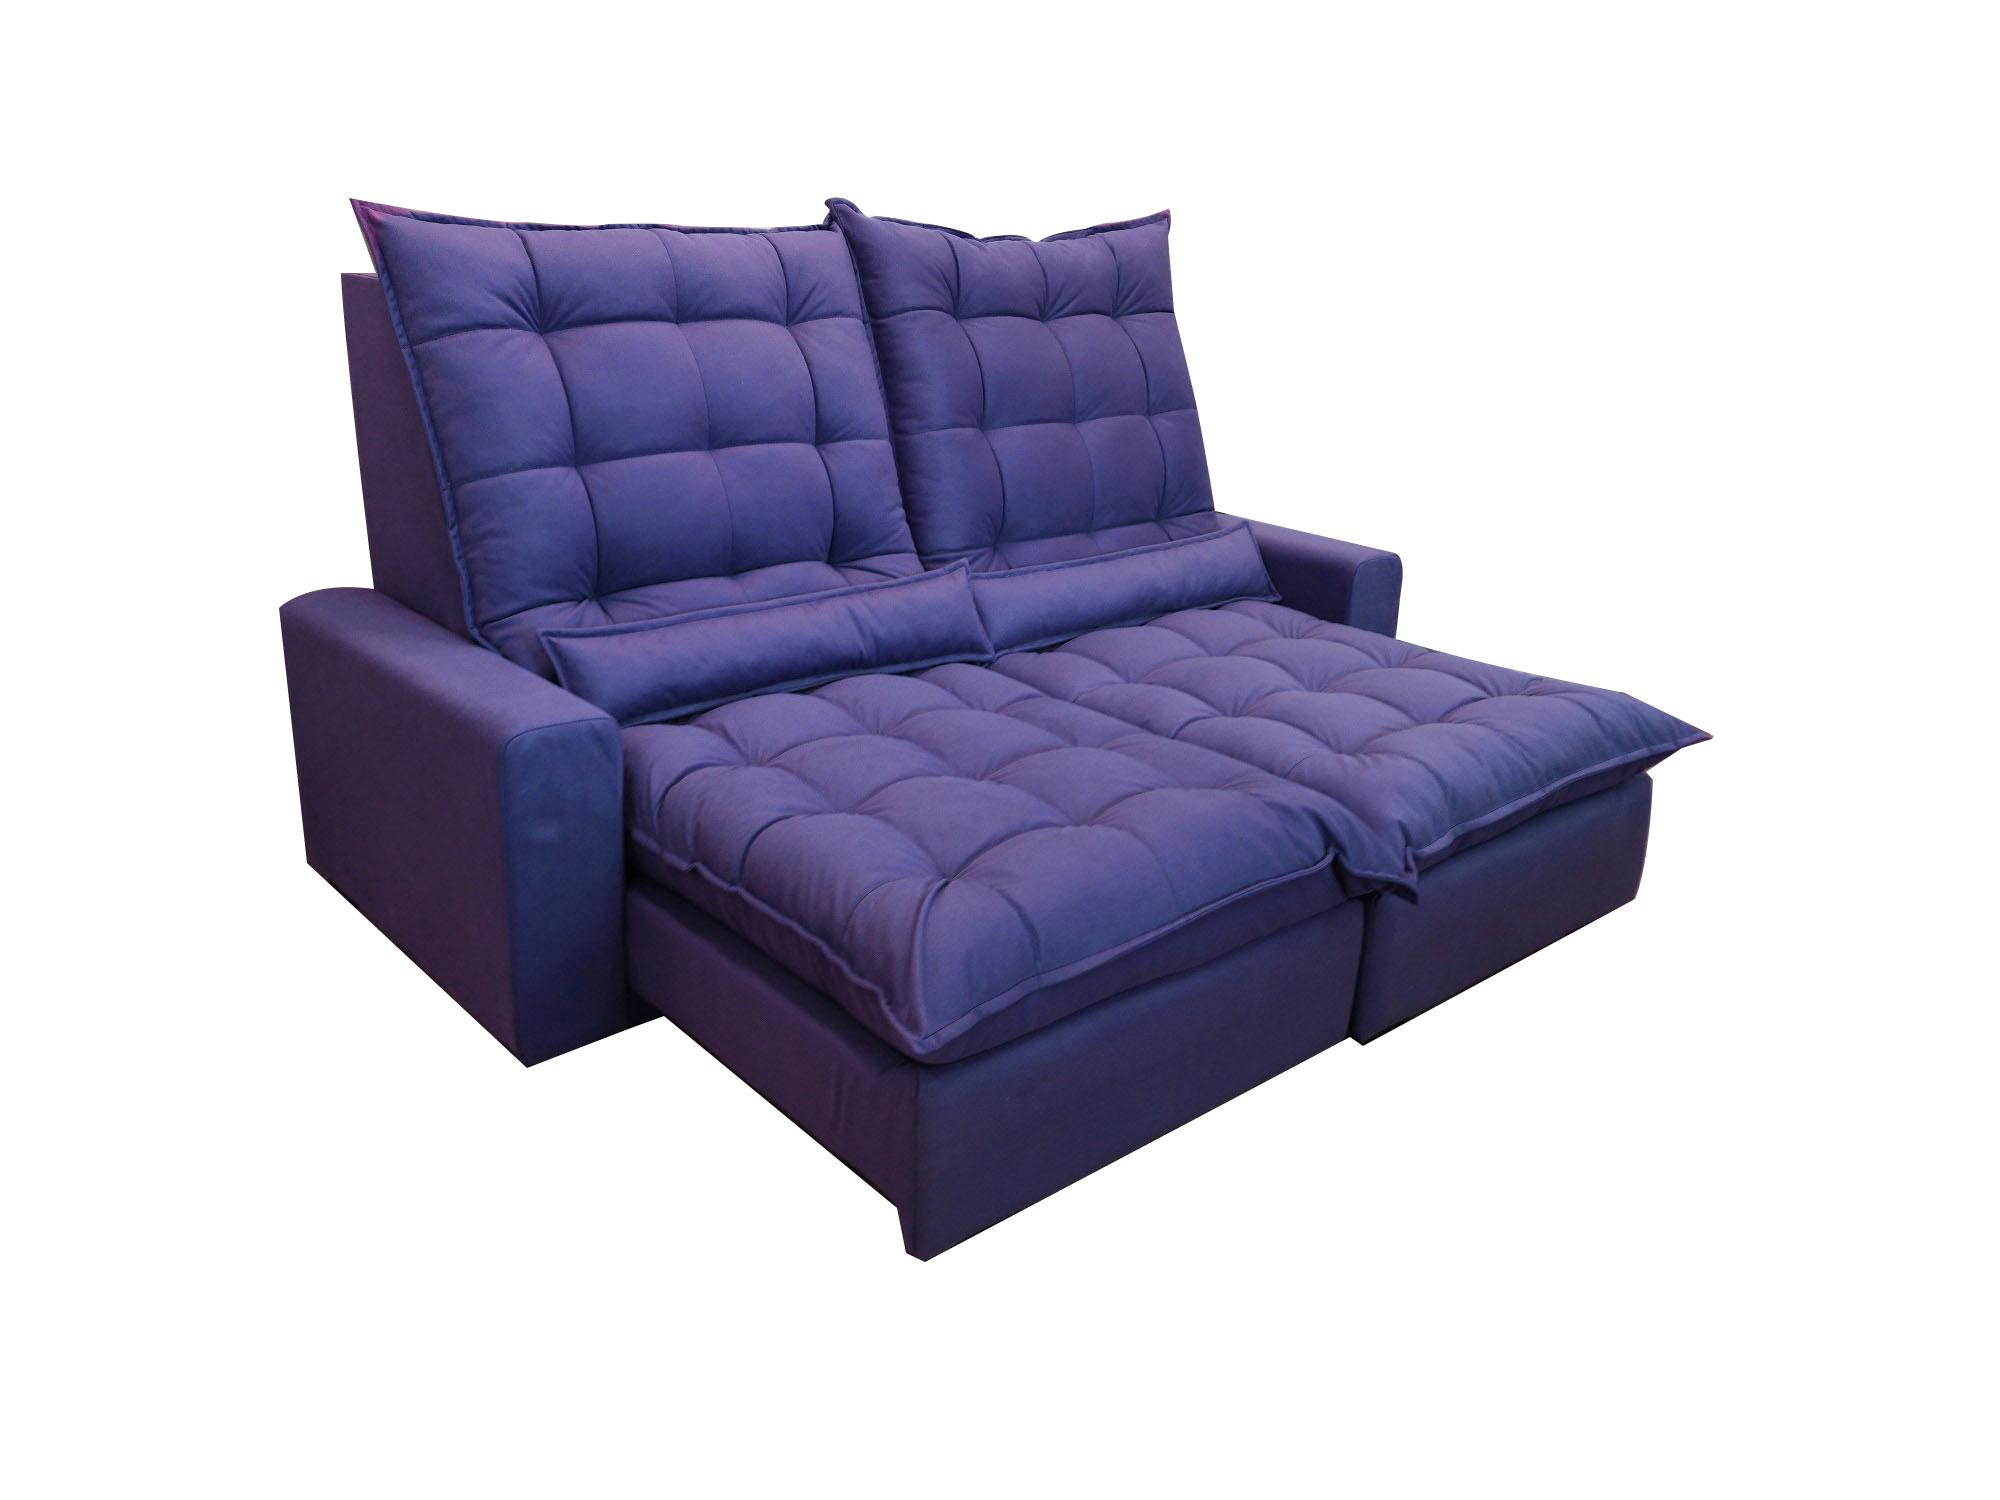 Луксозен диван за домашно кино в лилаво